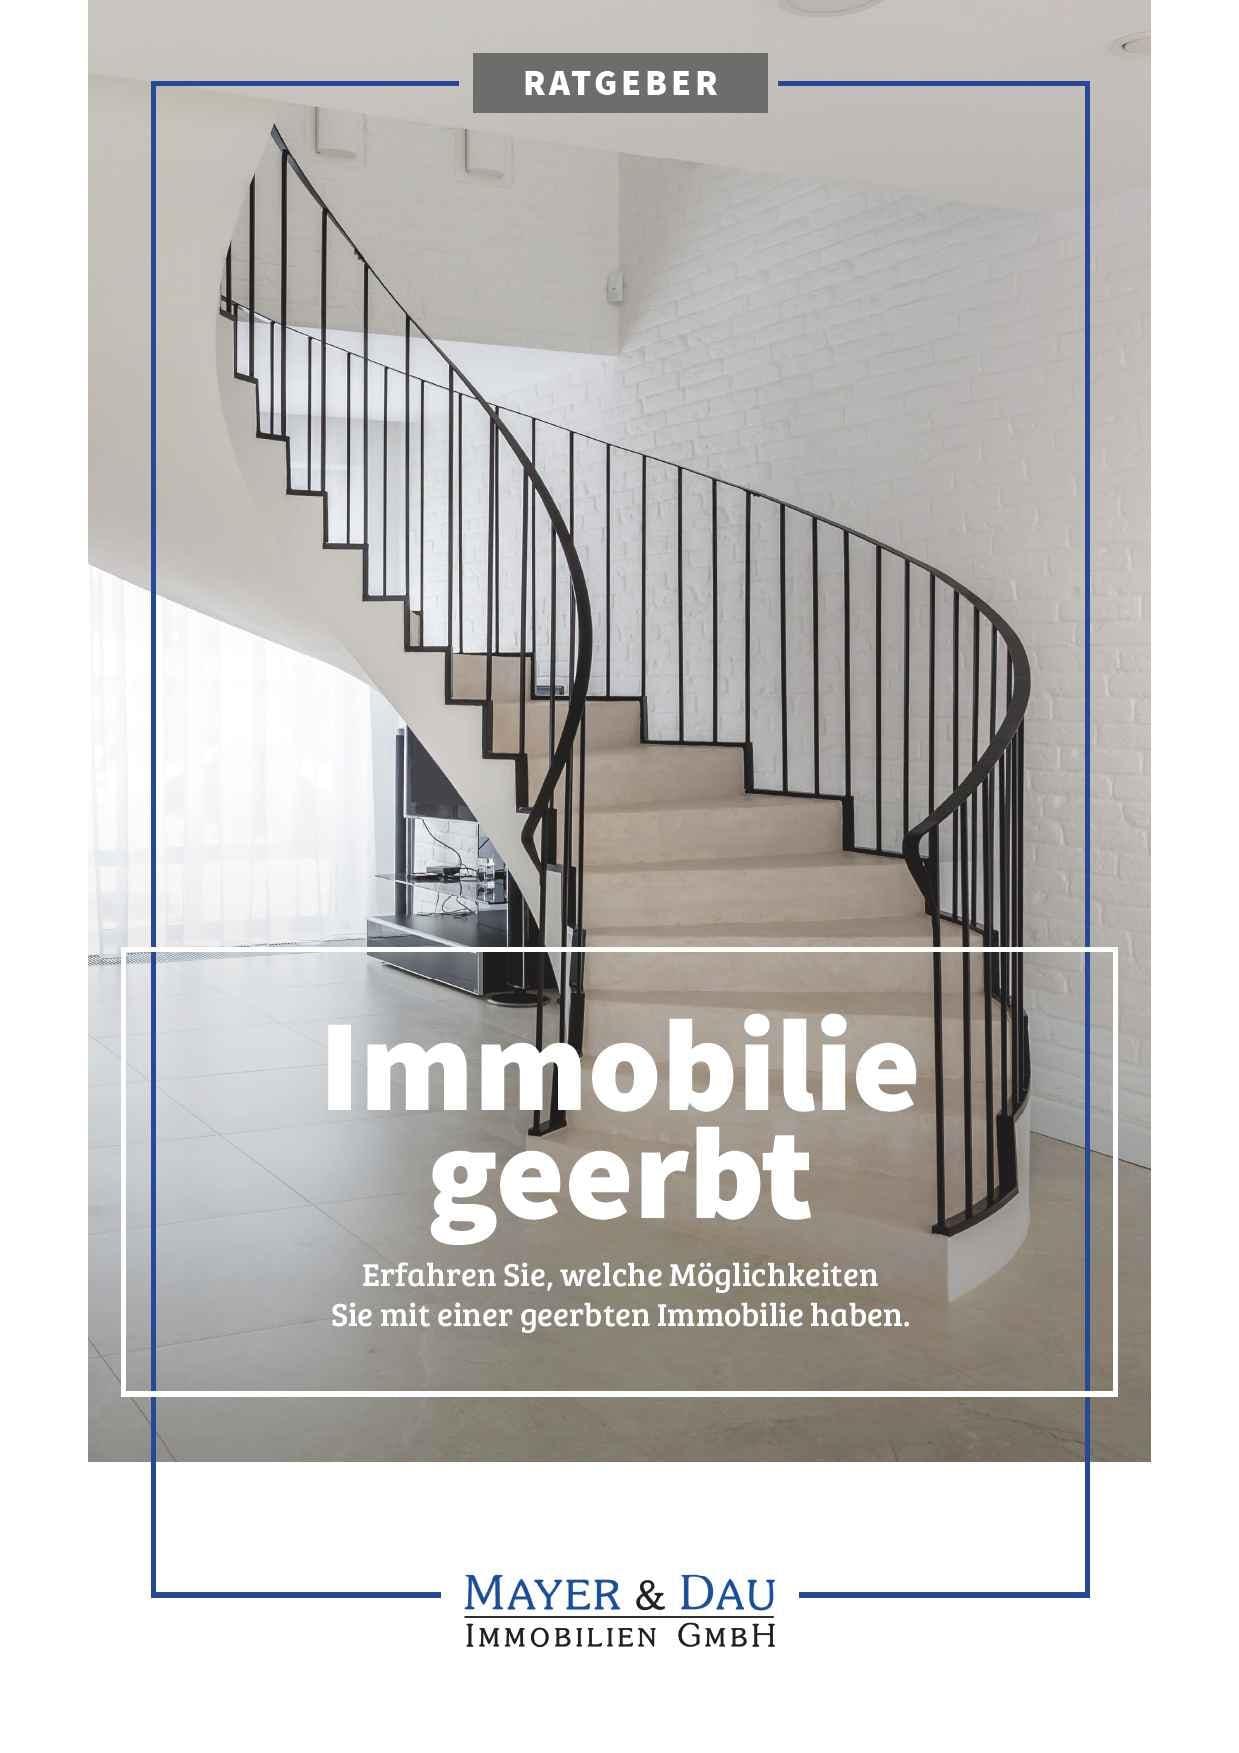 Mayer_und_Dau_Immobilie geerbt _Cover